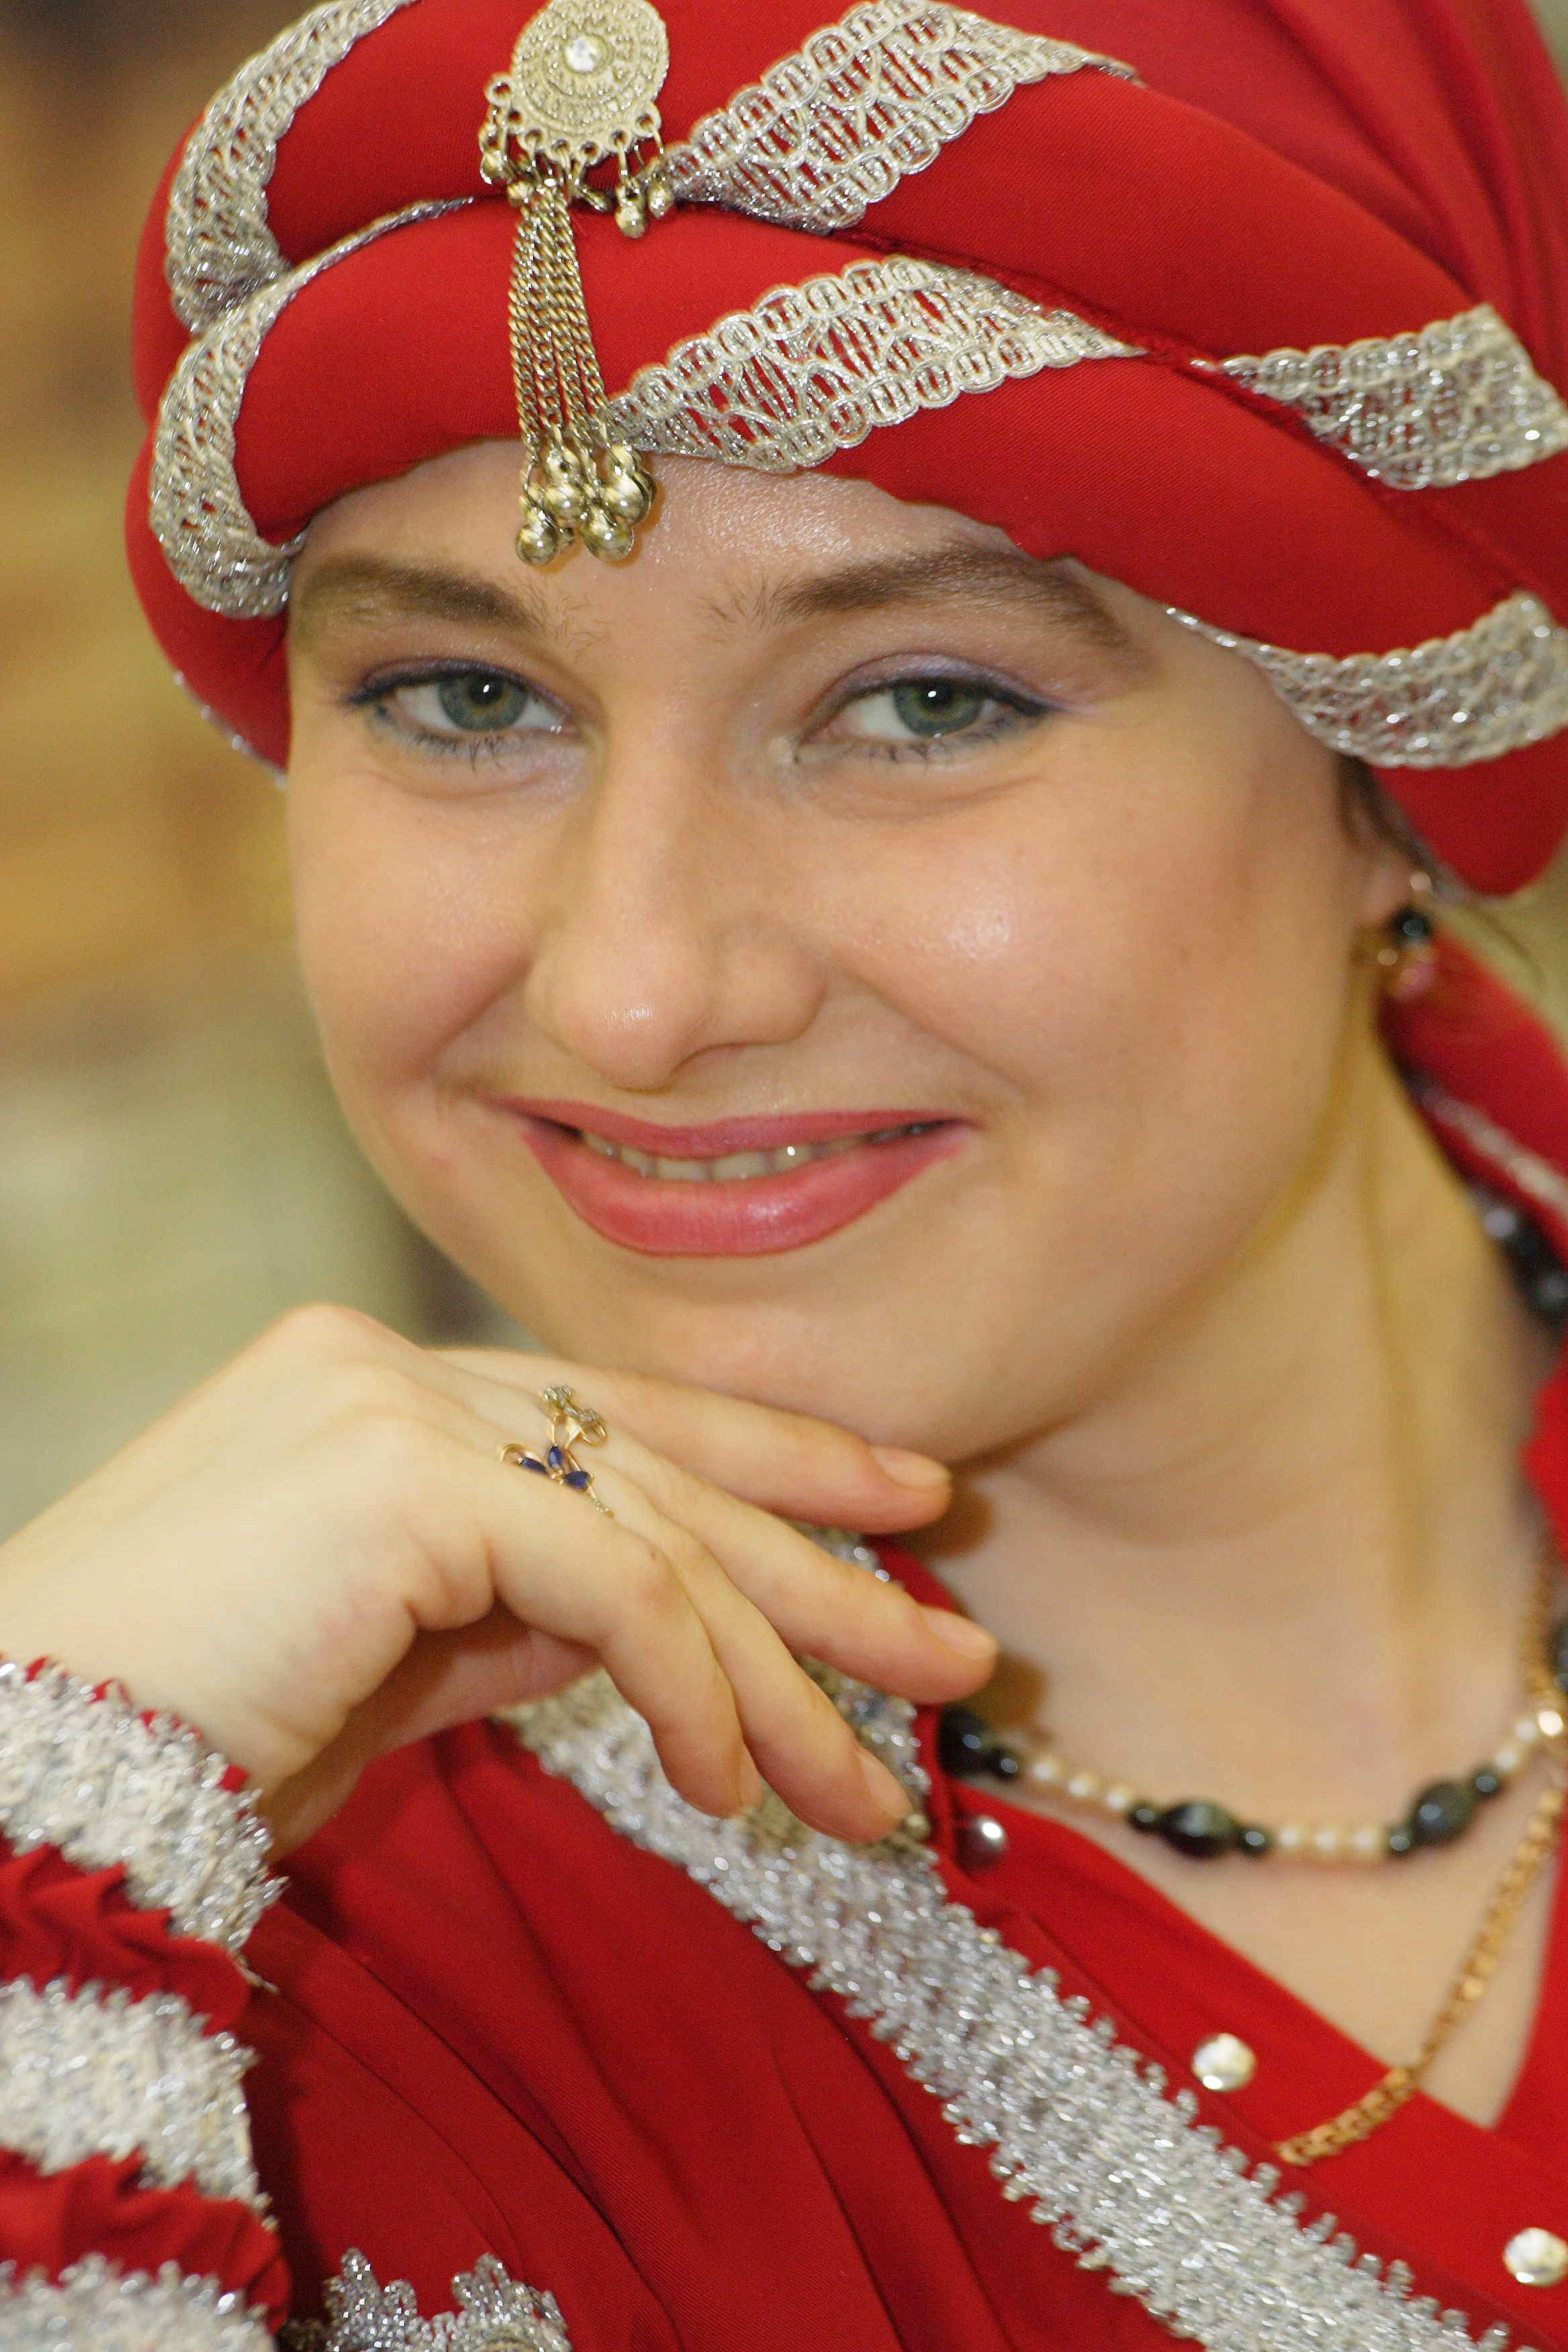 я в костюме персидского принца Амана. Ах, какая женщина!